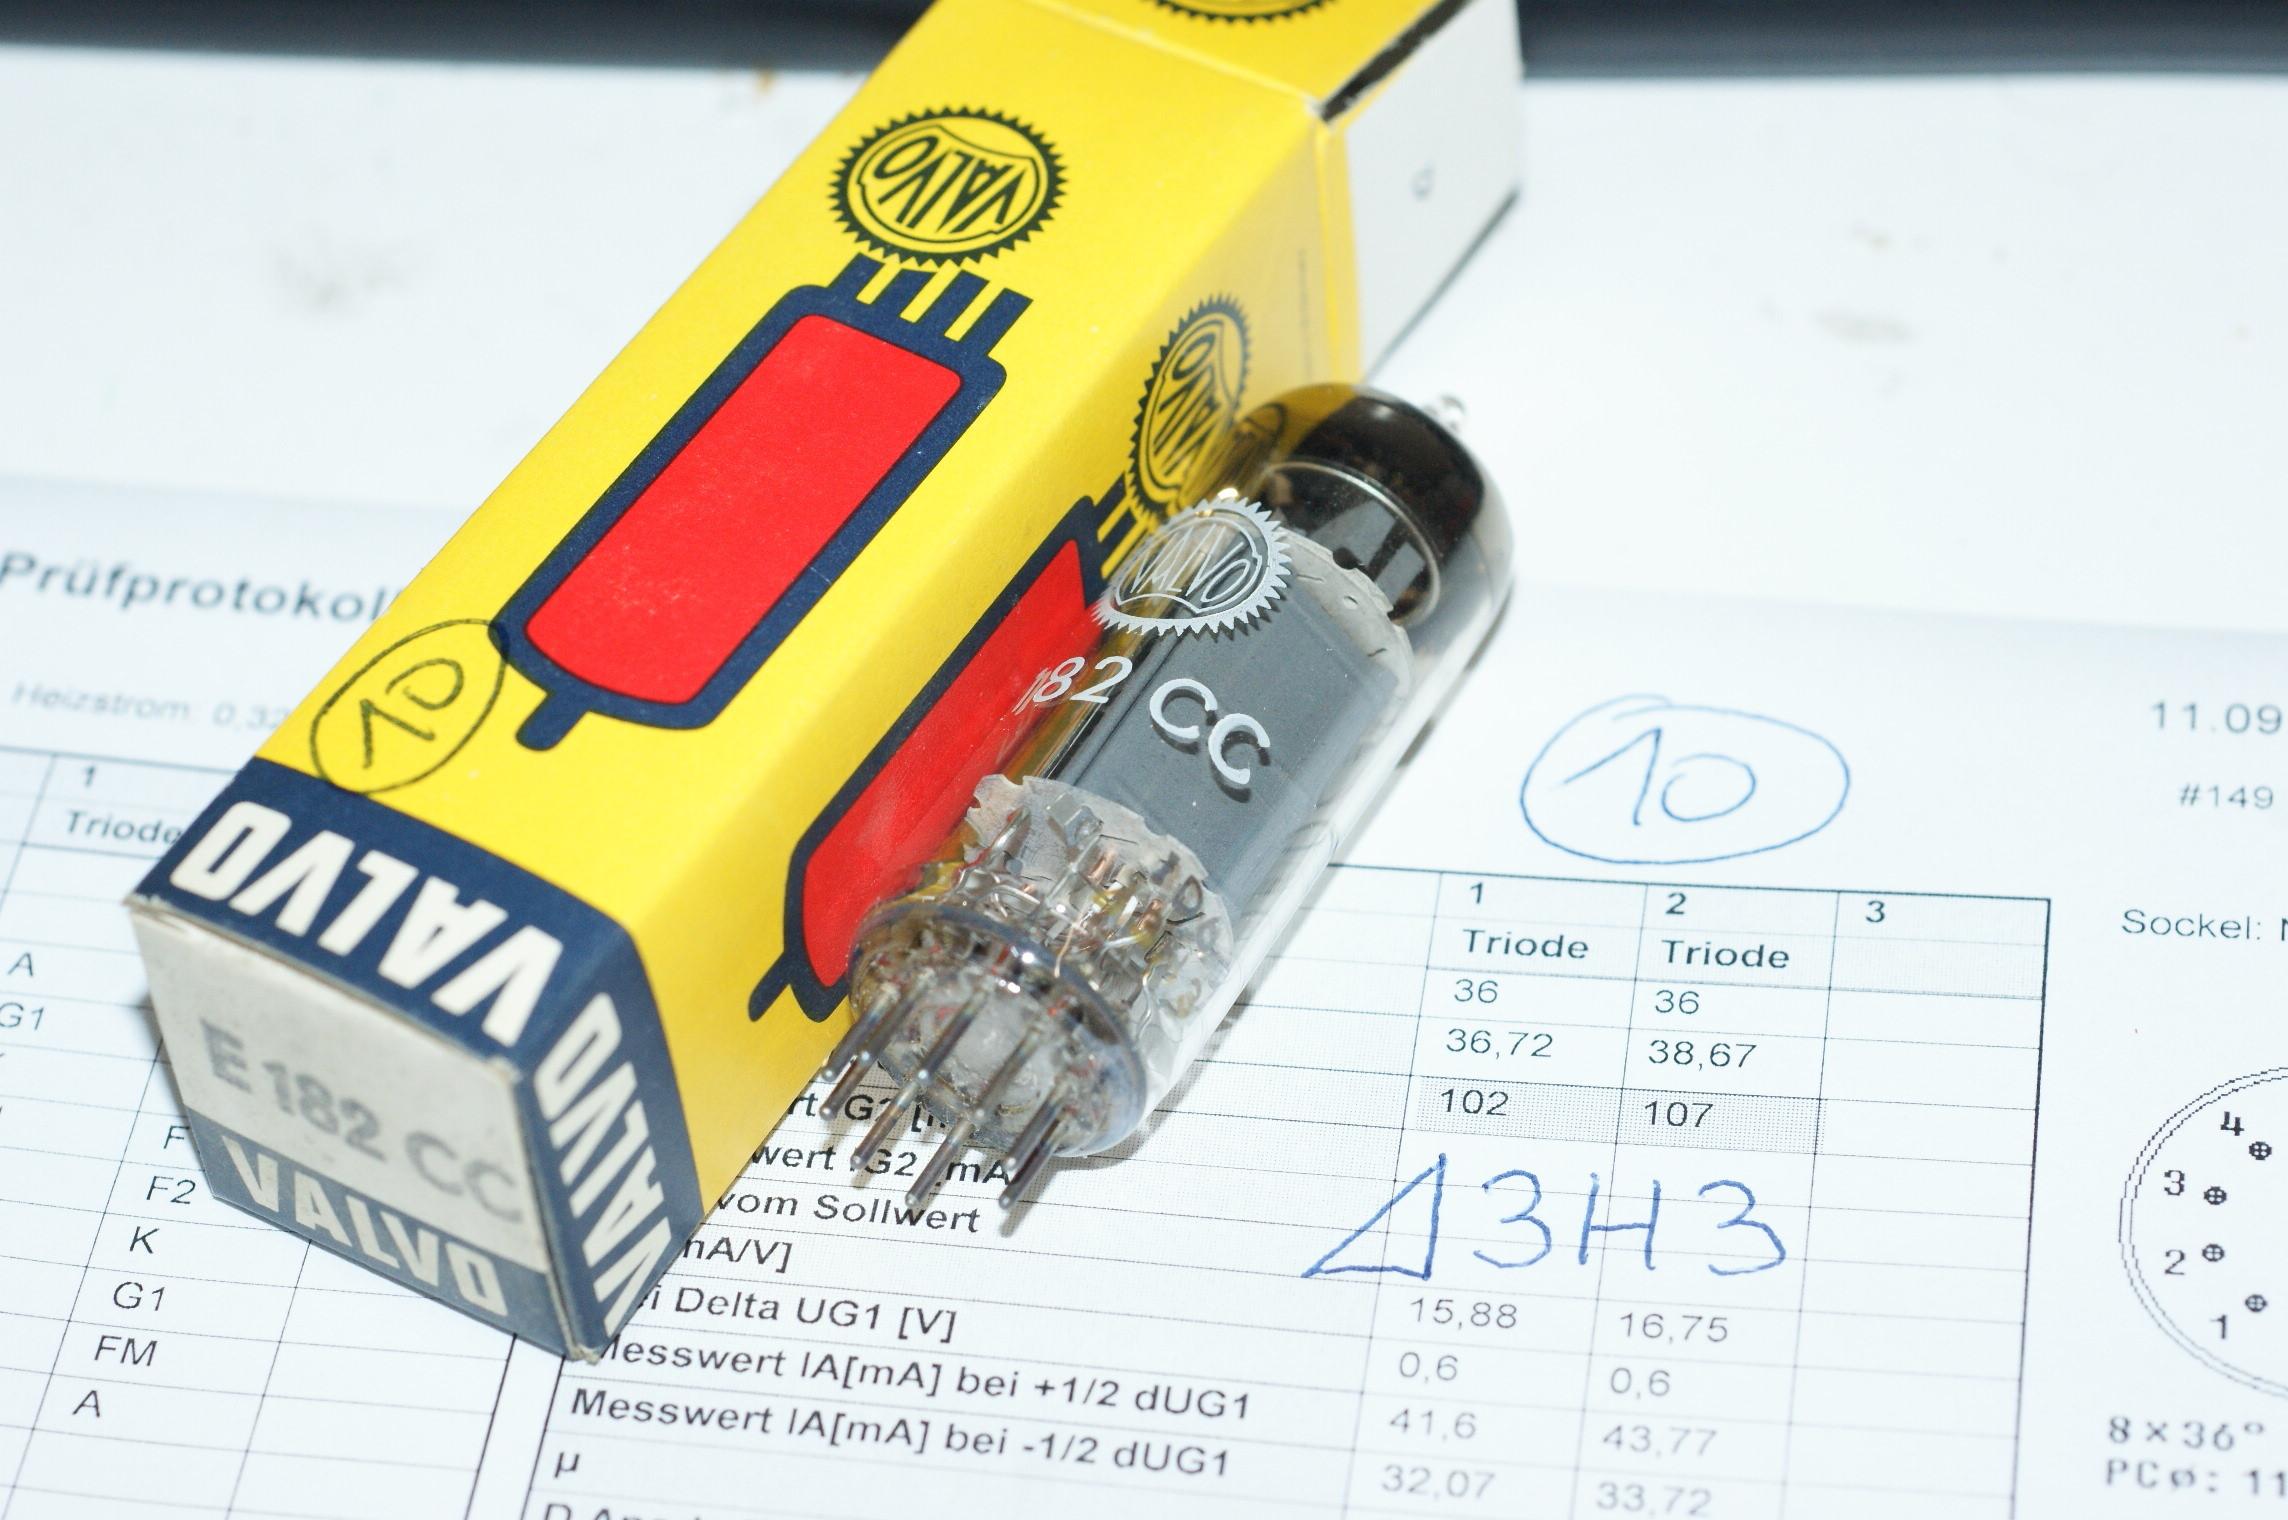 E182CC 7119 Röhre Tube